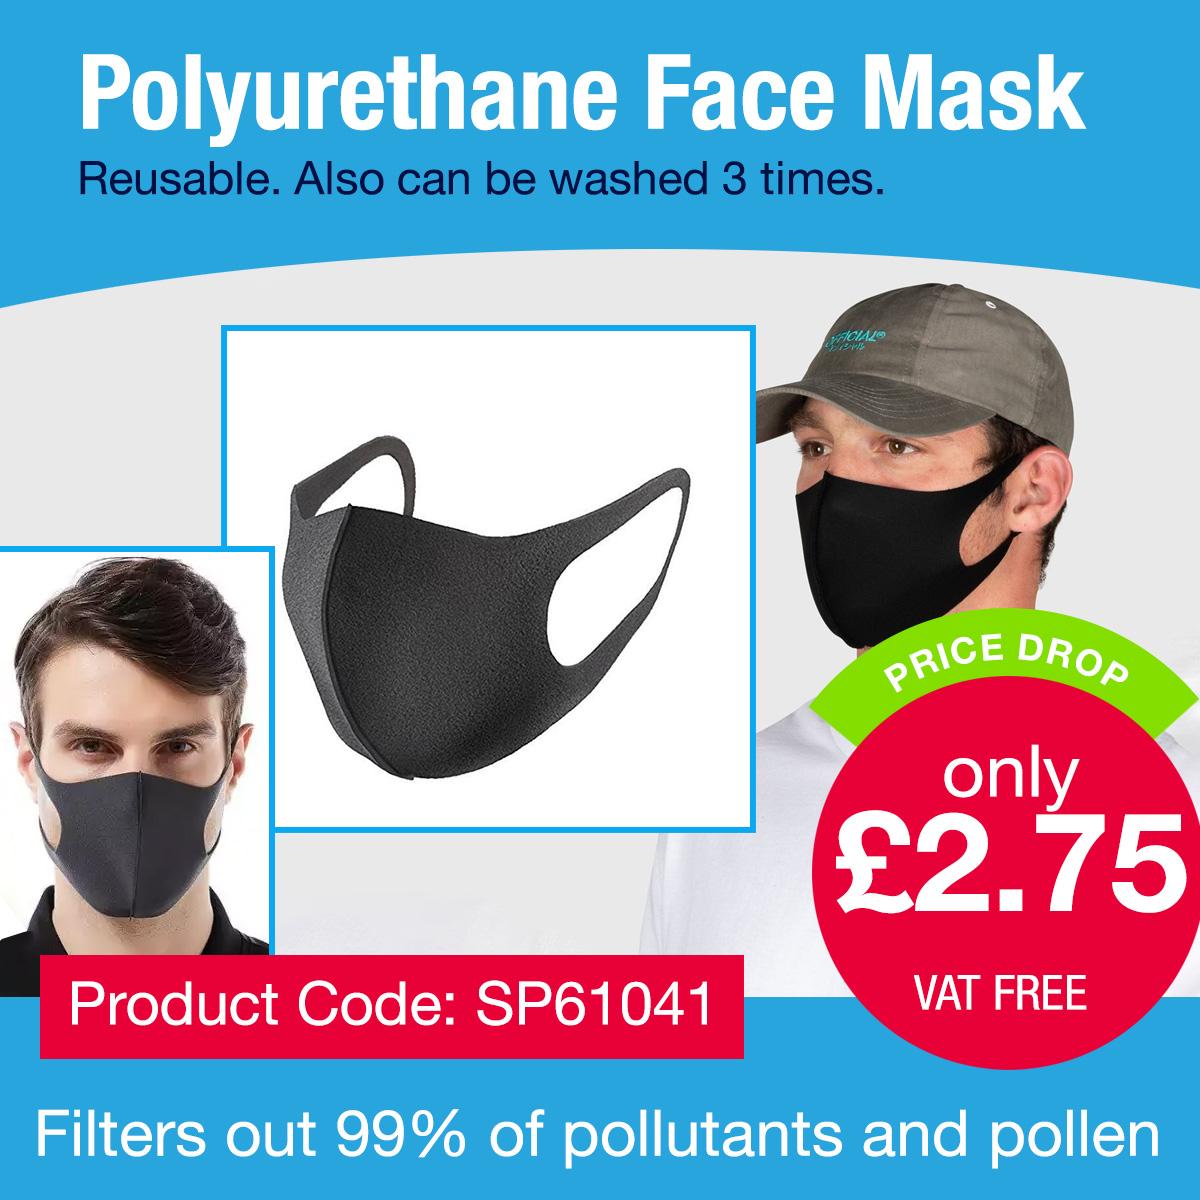 Polyurethane Face mask